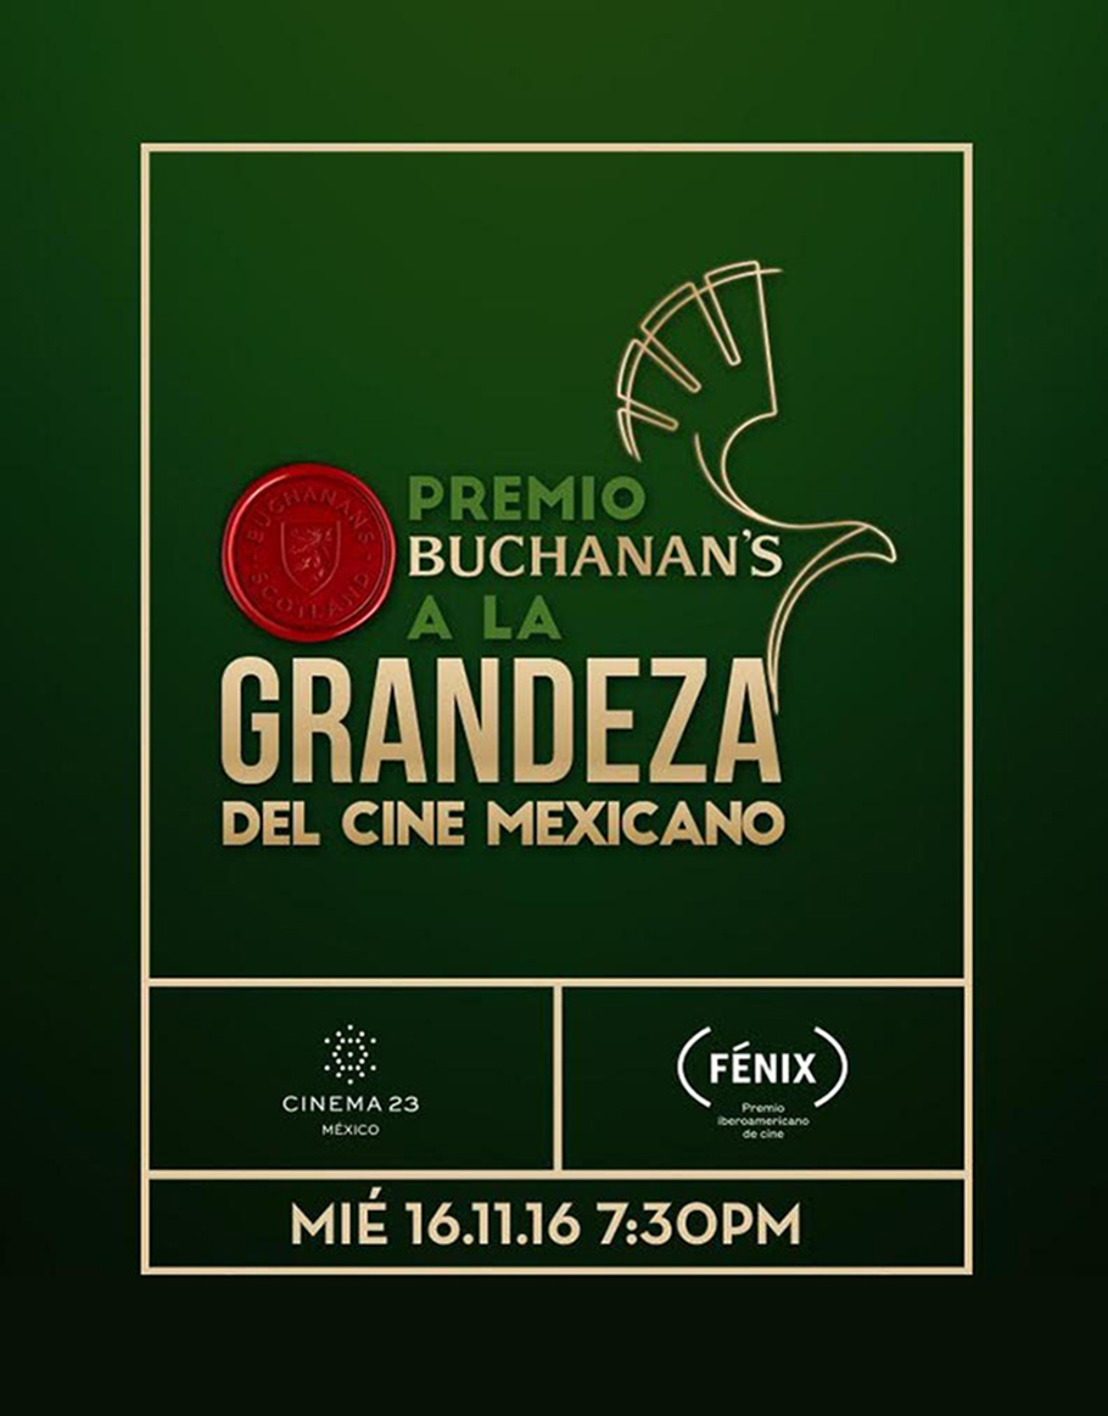 GANADORES PREMIO BUCHANAN'S A LA GRANDEZA DEL CINE MEXICANO 2016